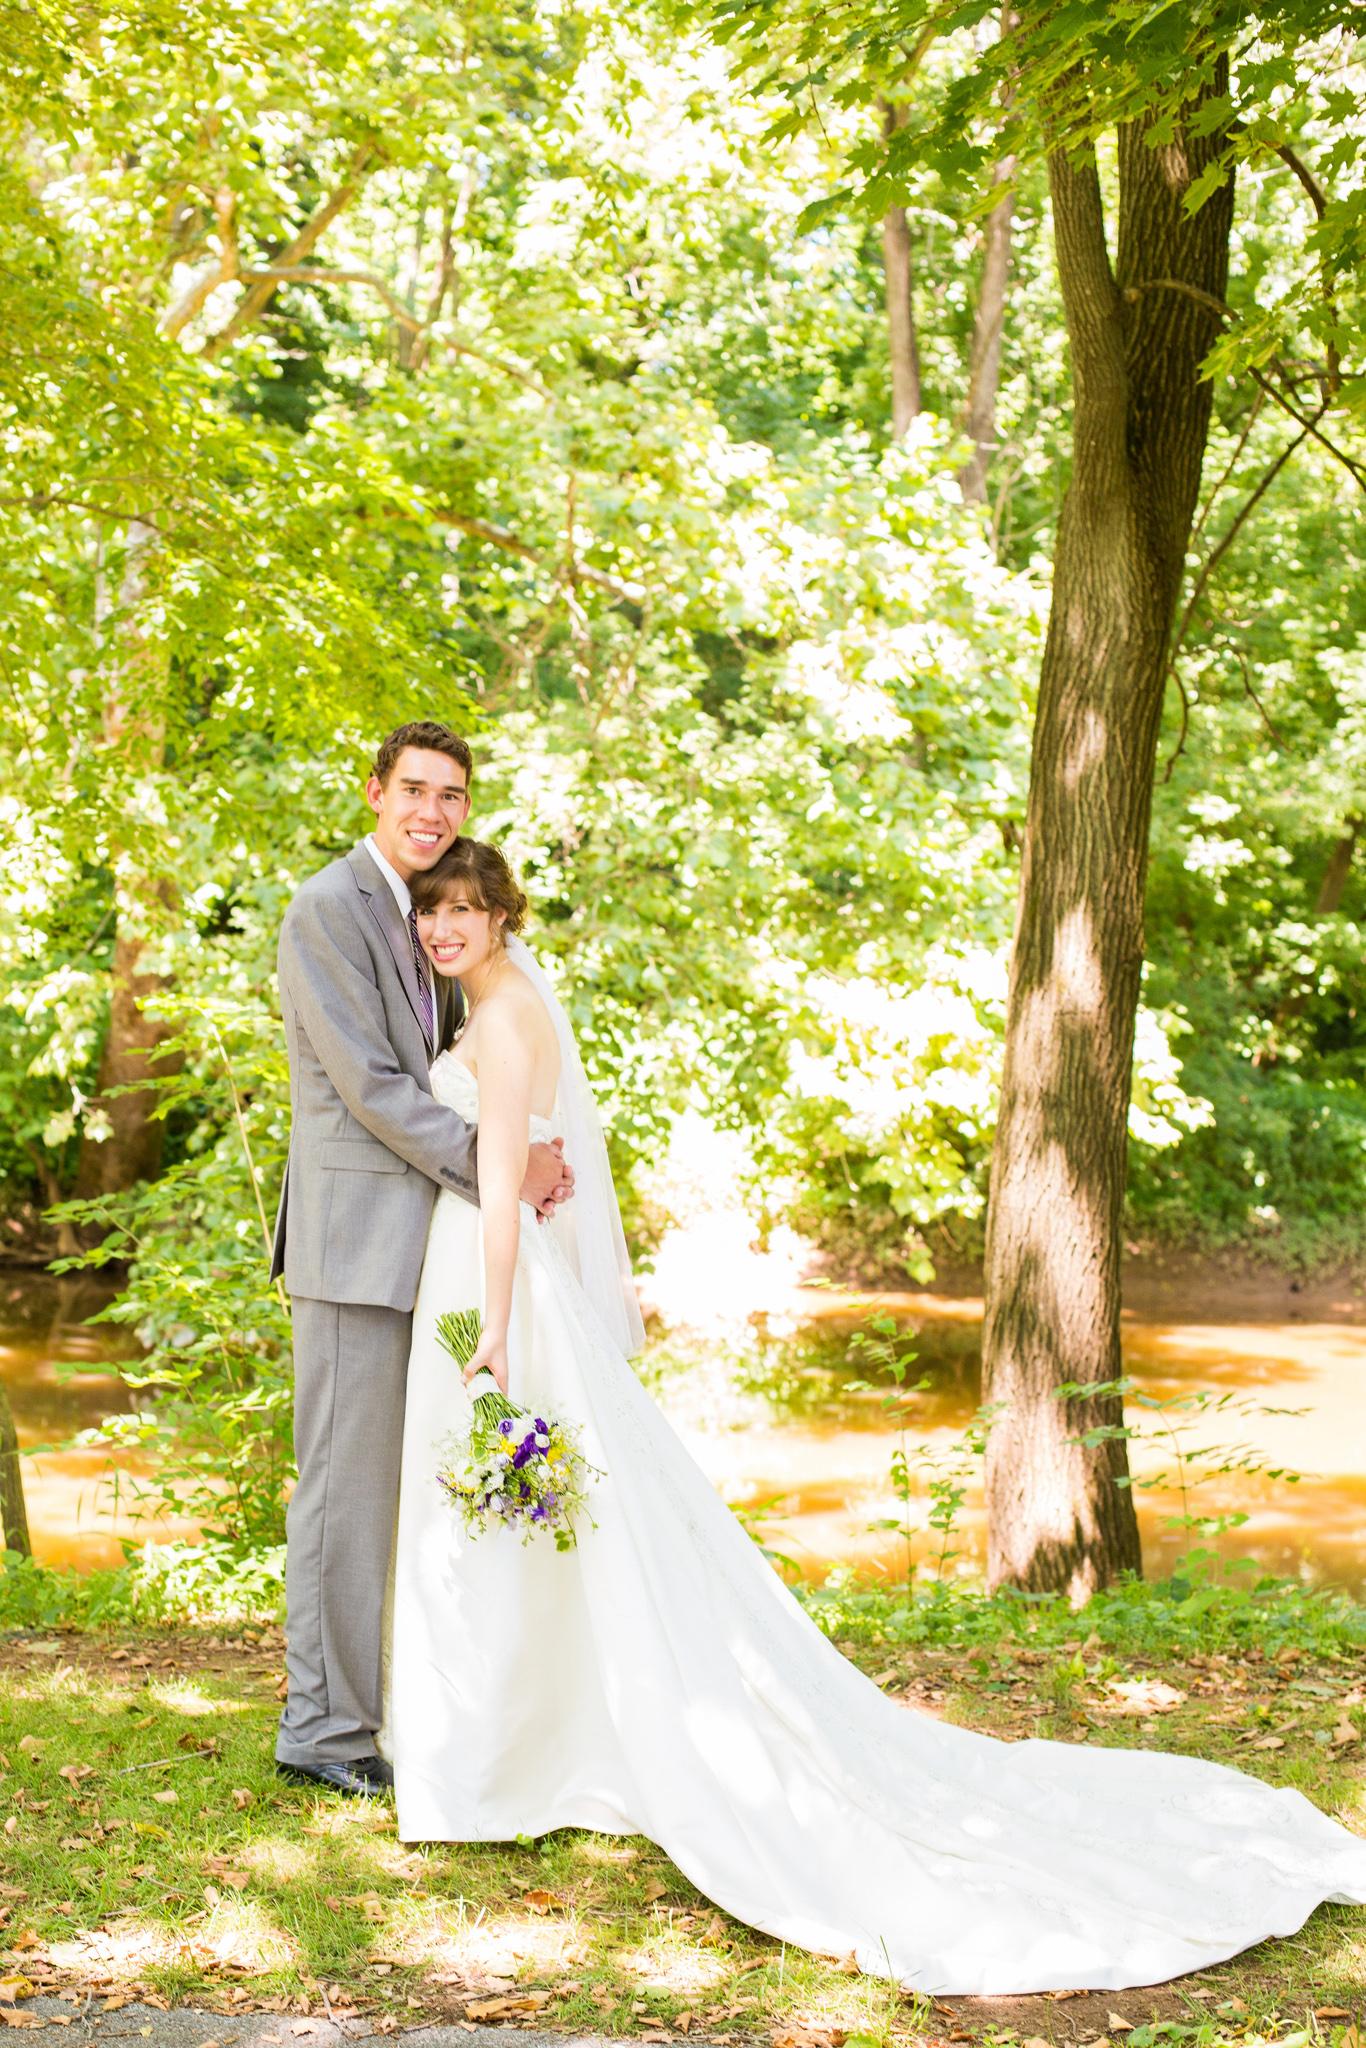 Stacey Hammarberg - Eicher Wedding - Web (13 of 44).jpg